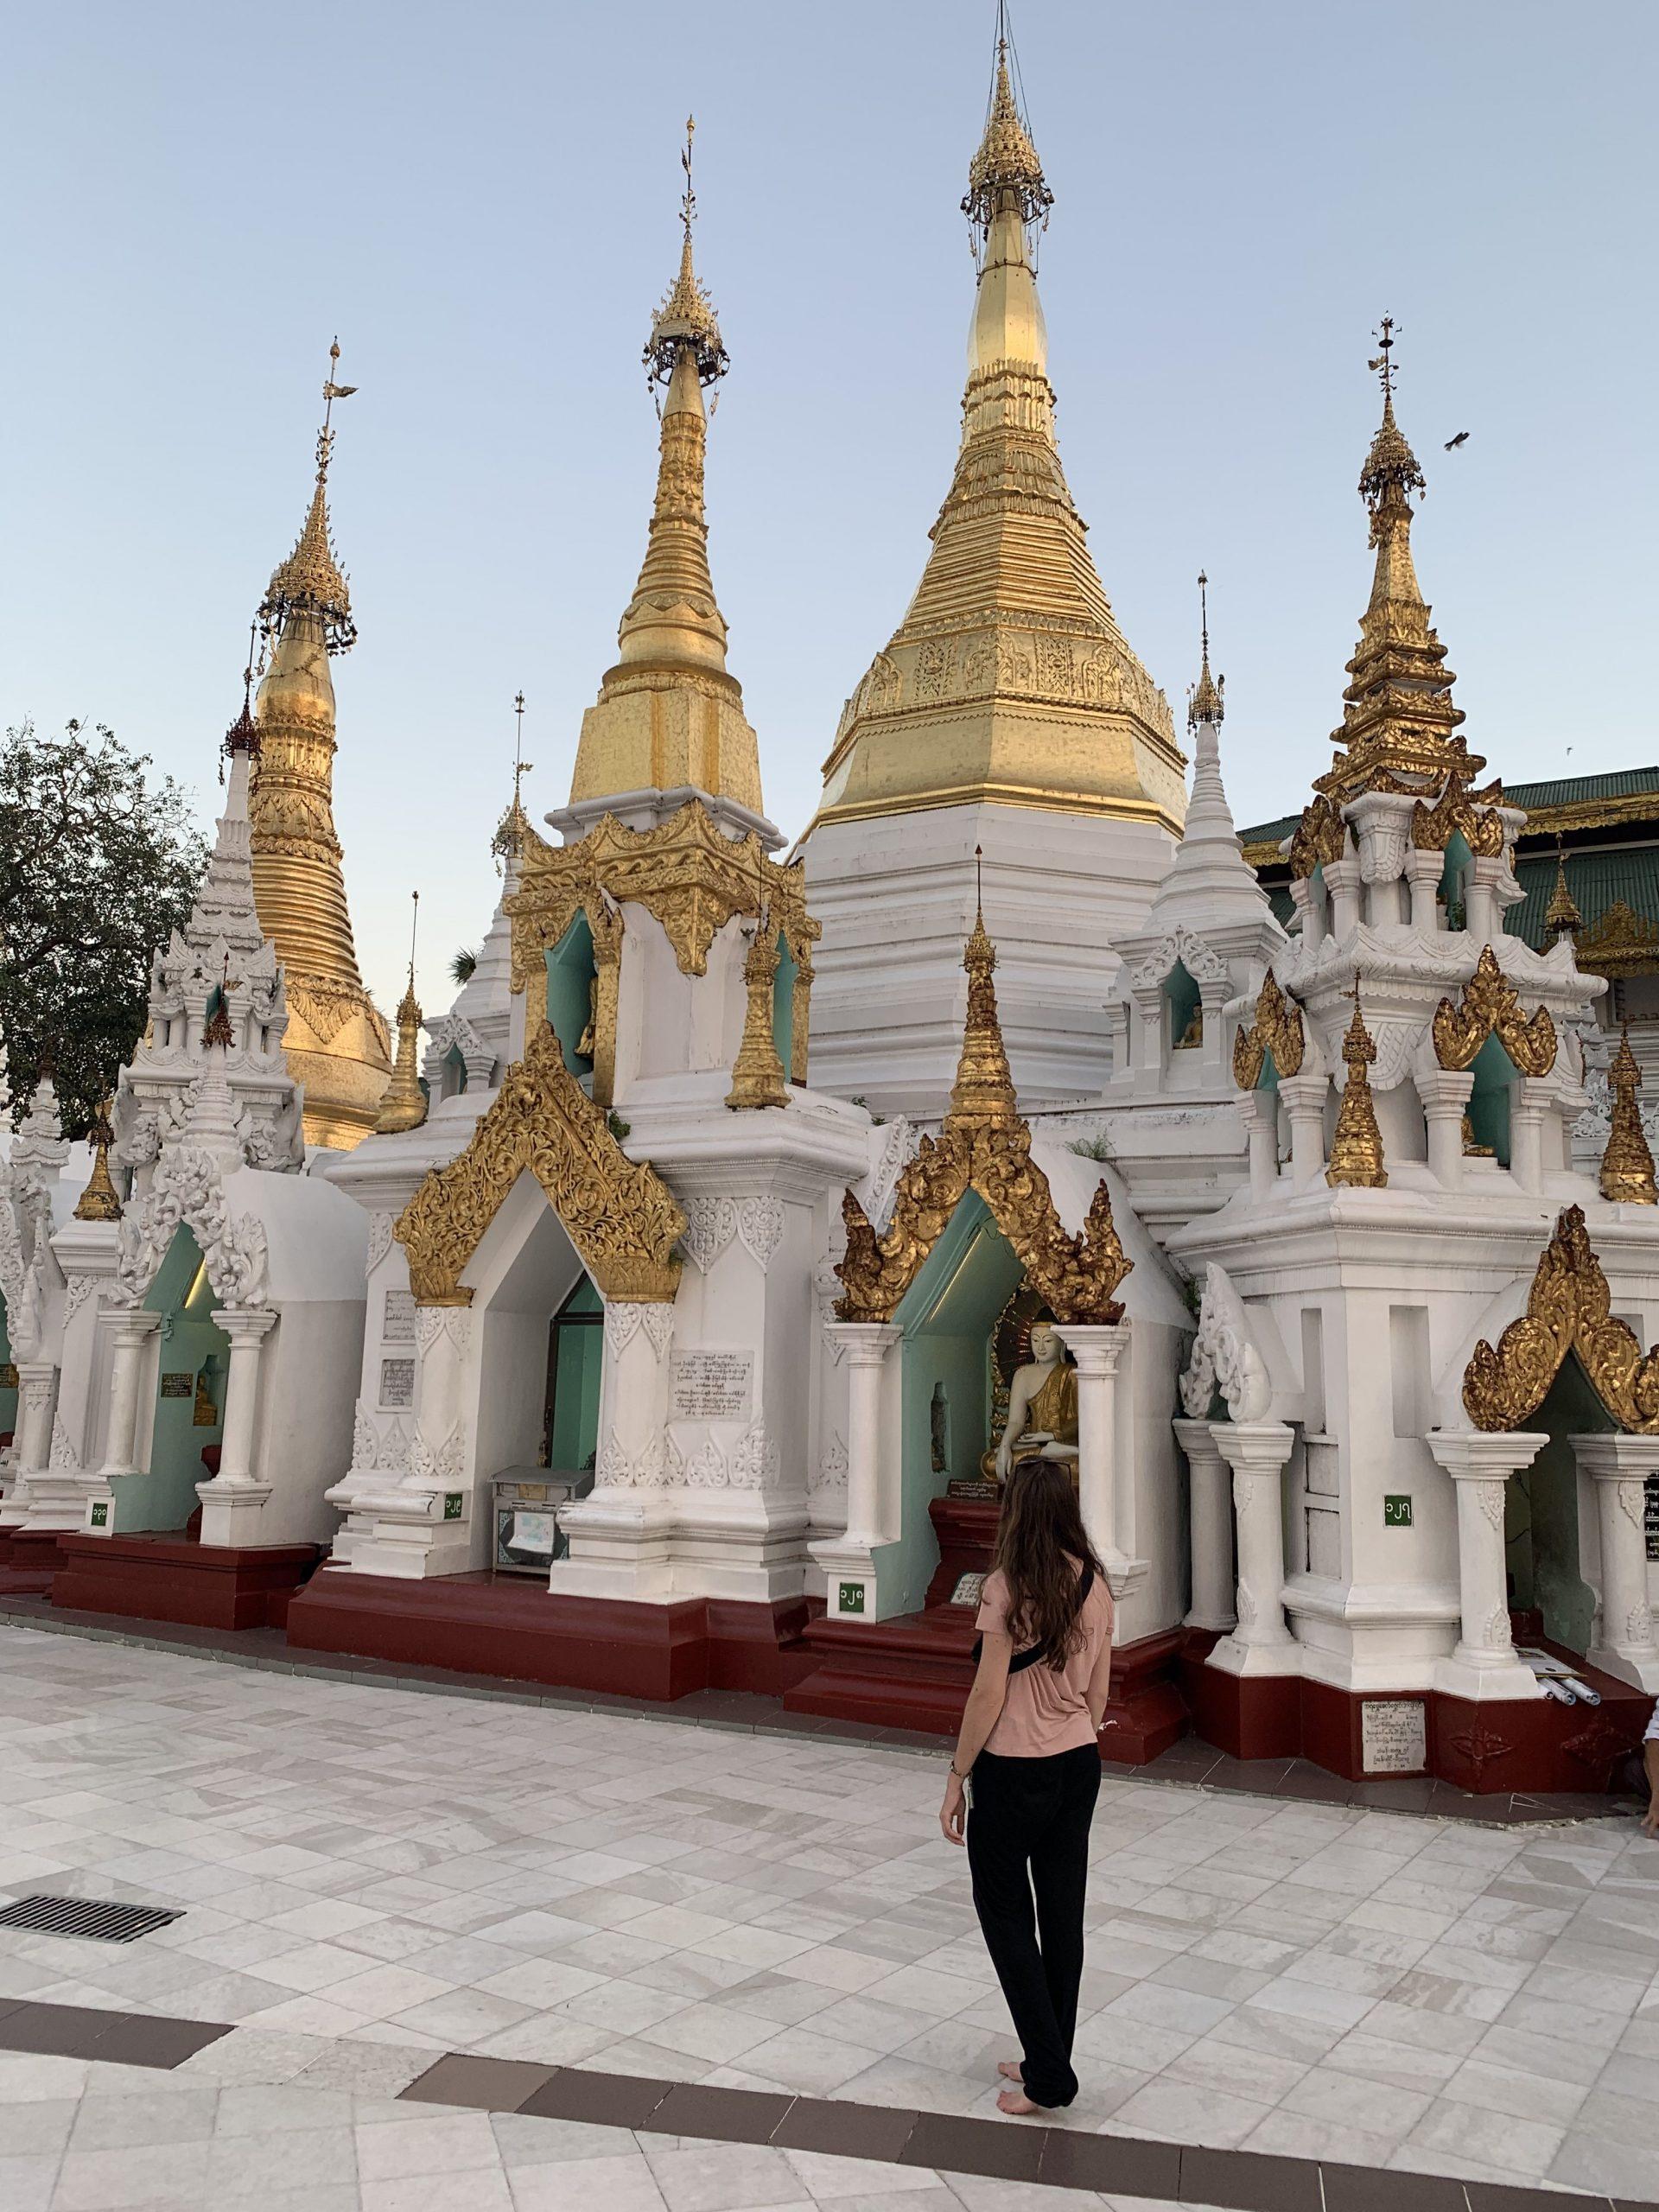 l'intérieur de la pagode shwedagon